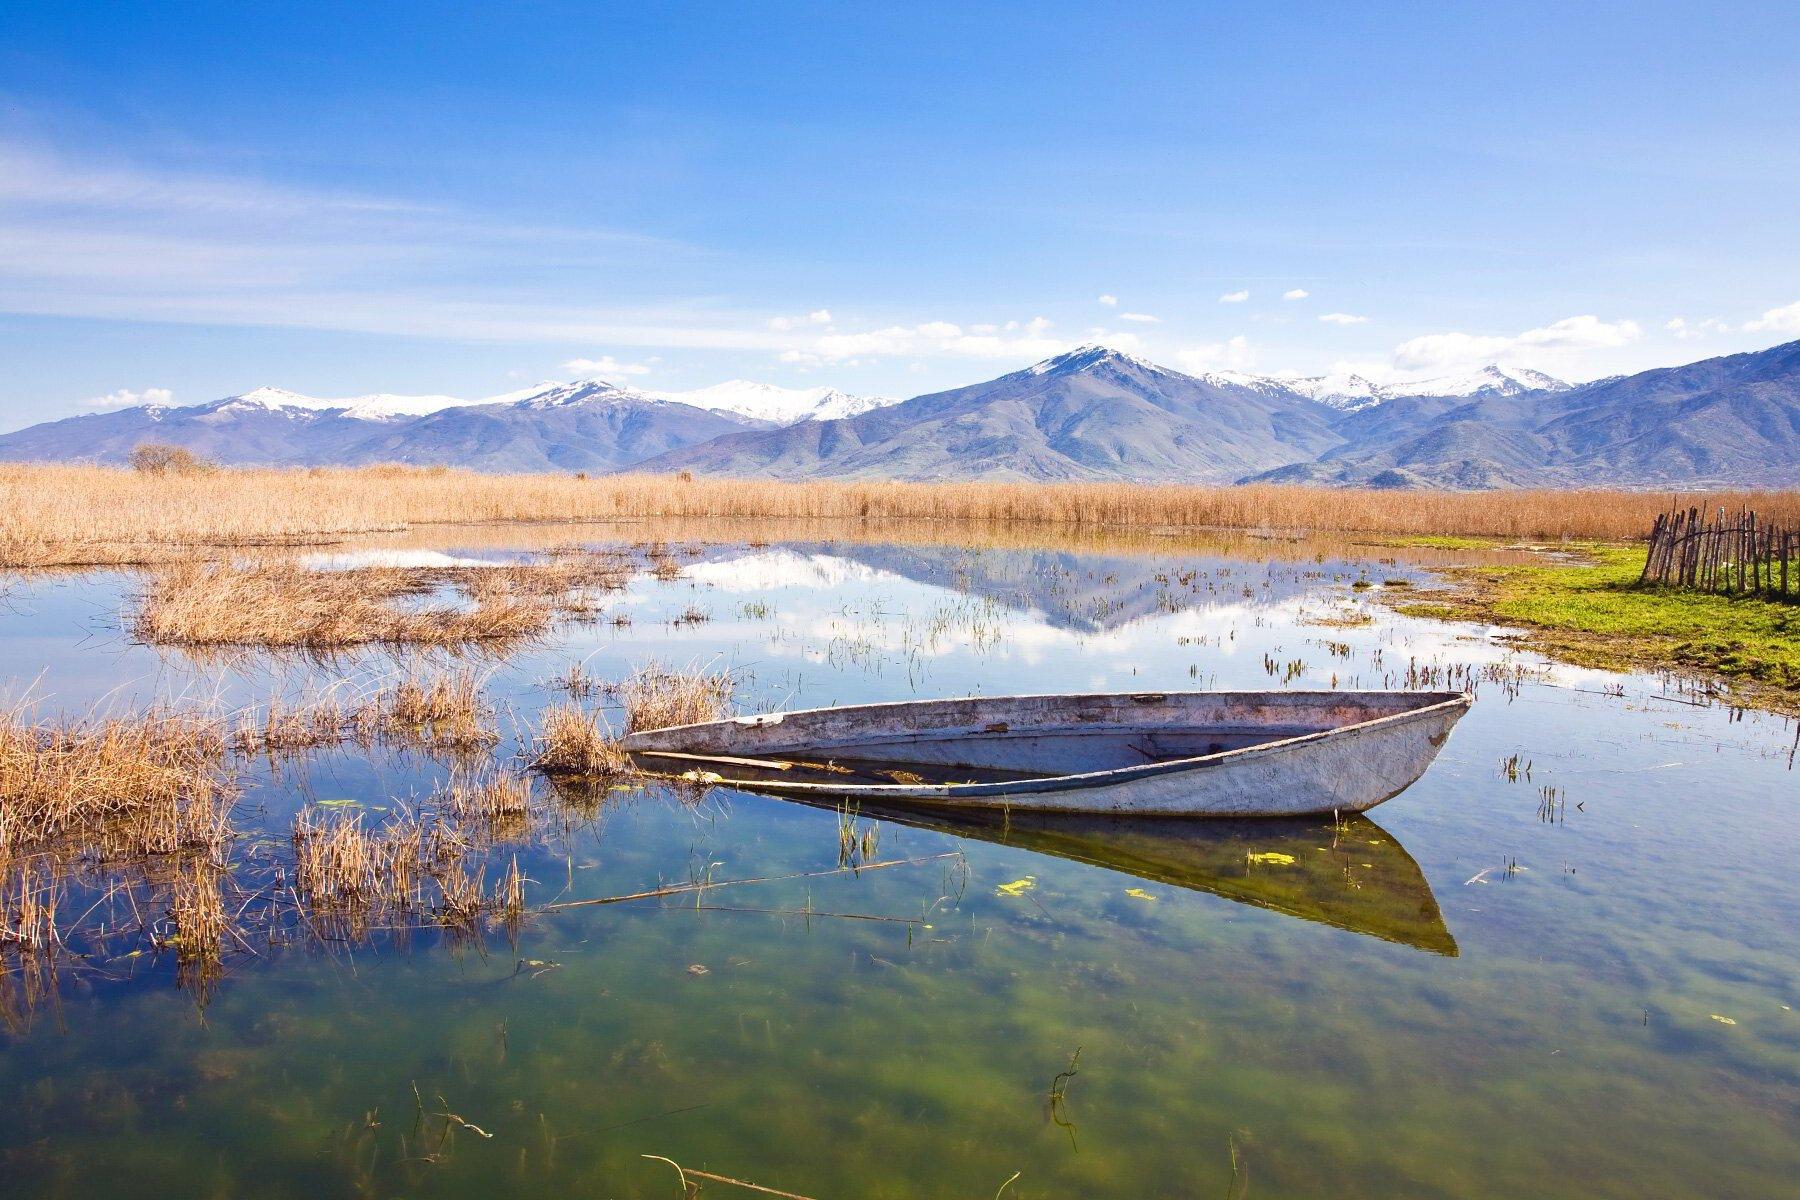 Πρέσπες: 5 πράγματα που πρέπει να δεις σε μια από τις ομορφότερες περιοχές της Ελλάδας | LiFO